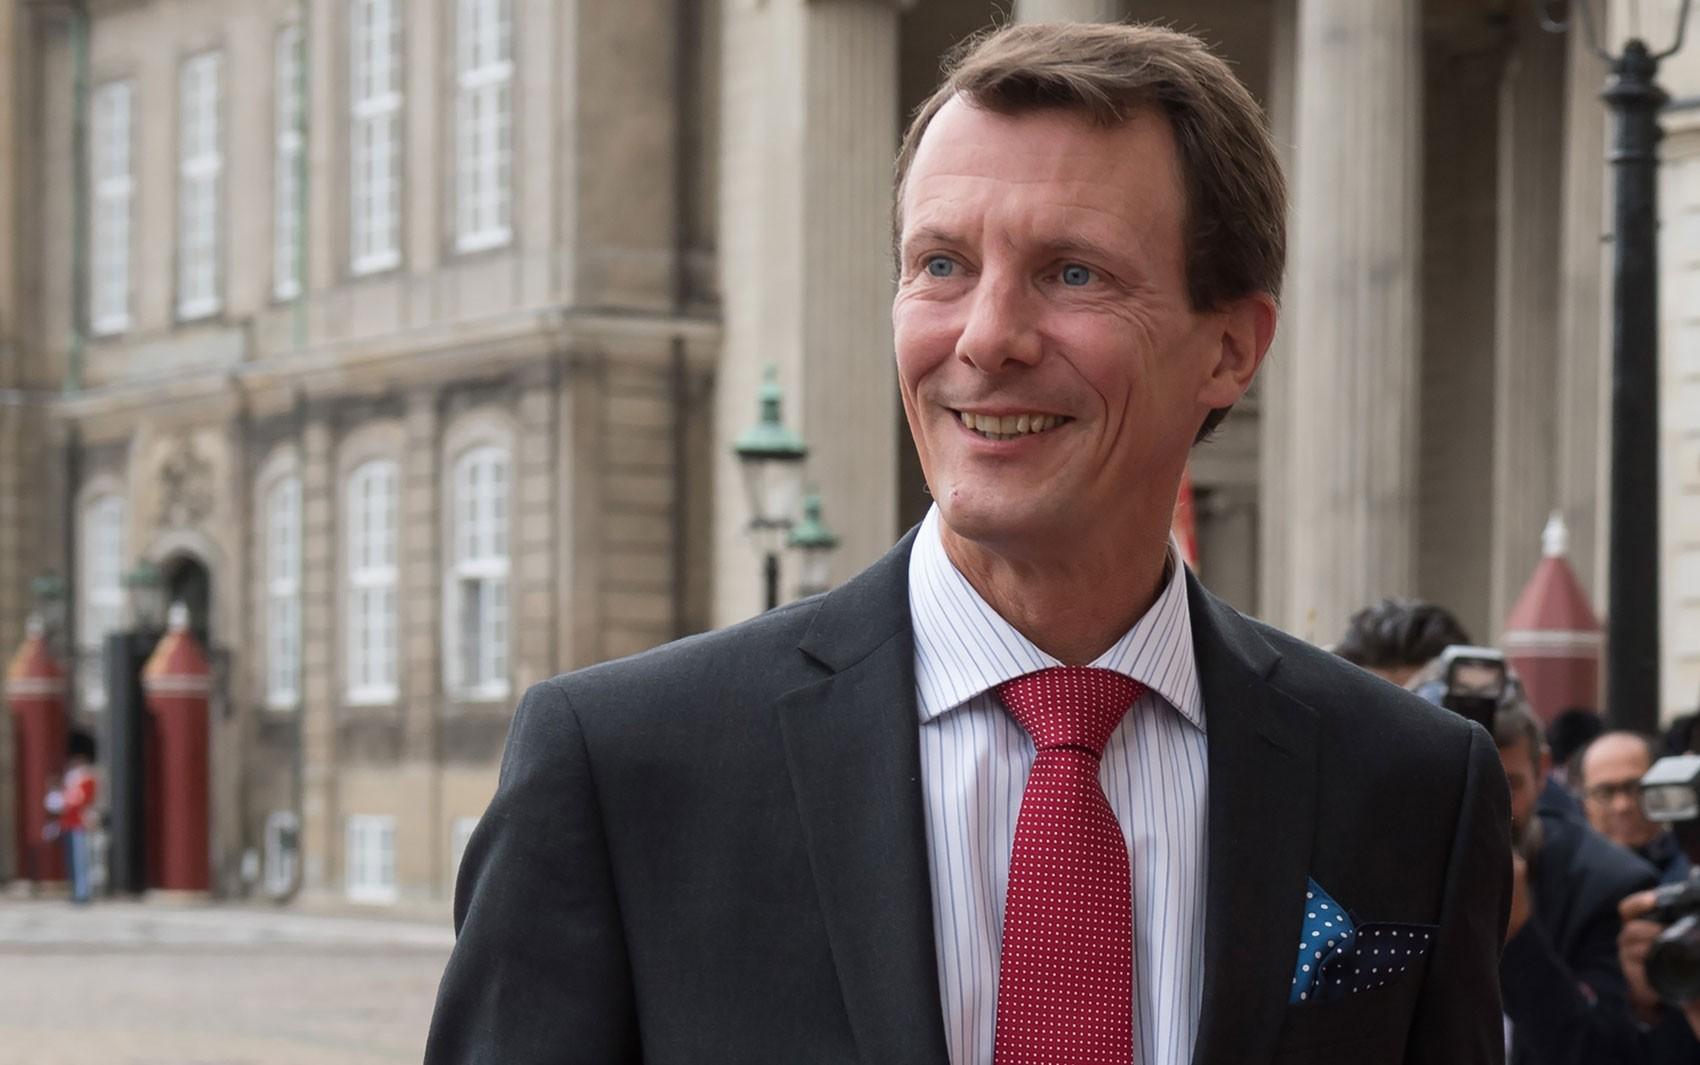 Príncipe dinamarquês recebe alta após AVC na França